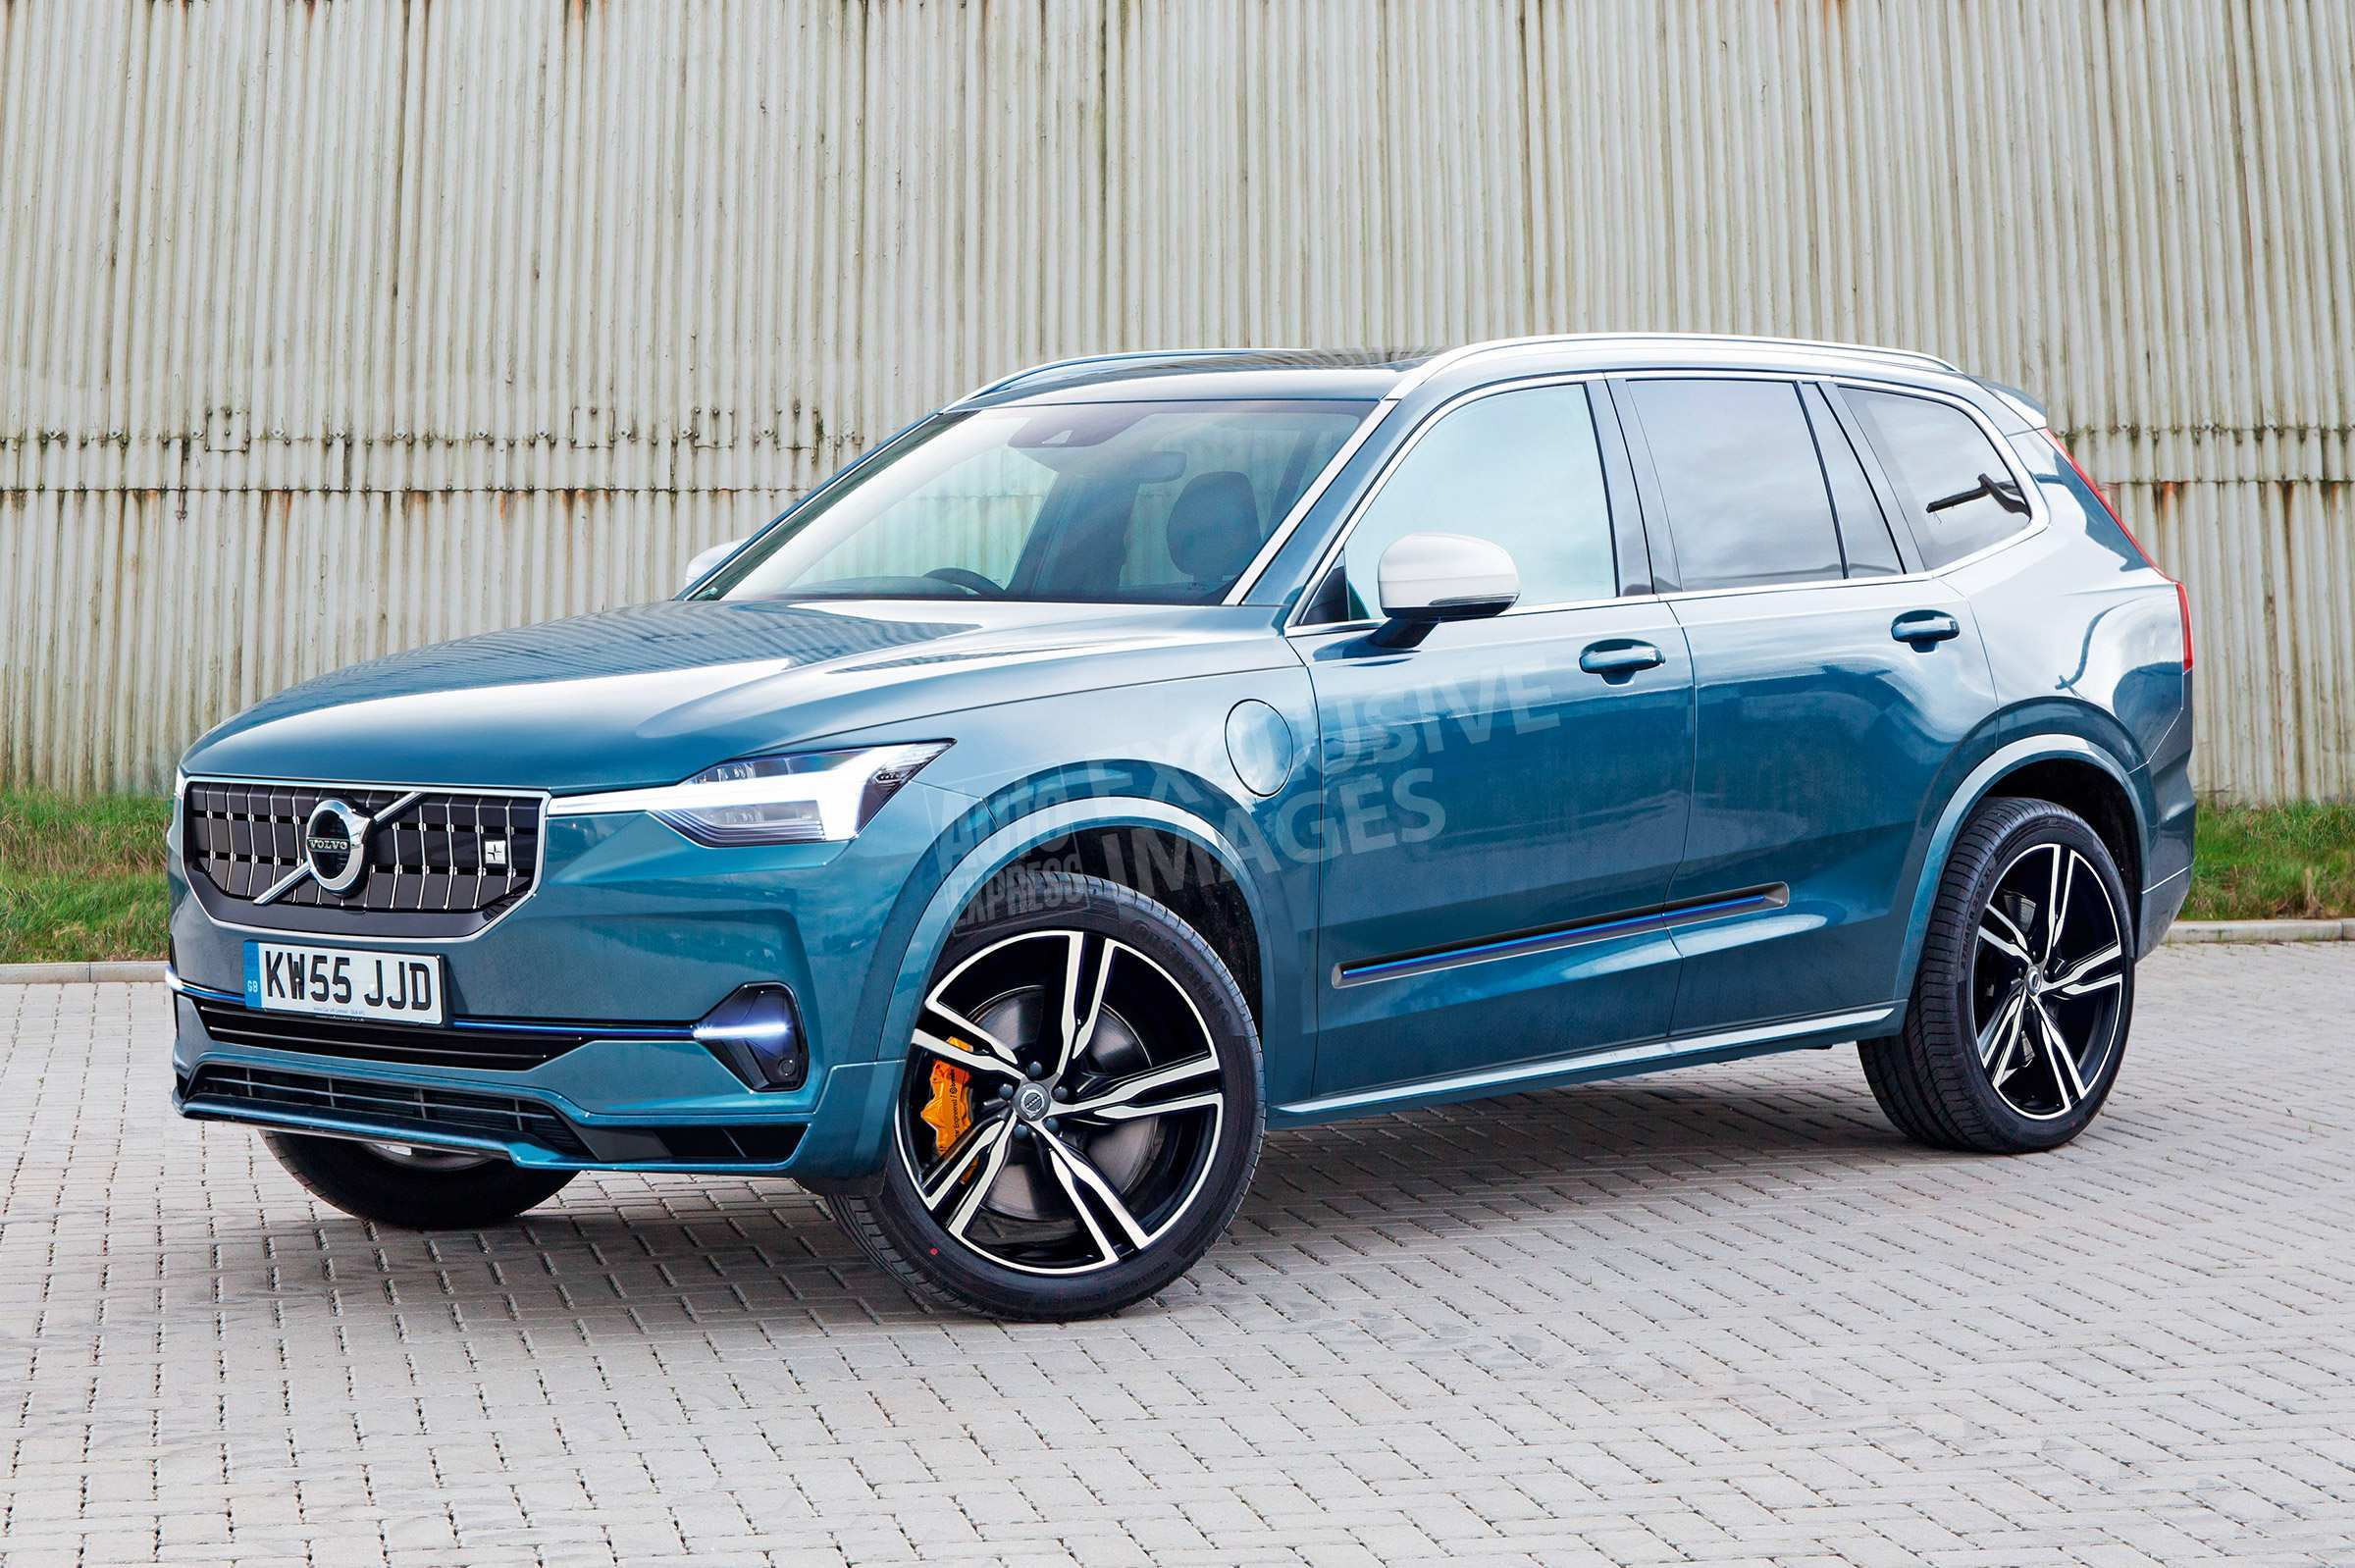 36 Gallery of När Kommer Volvo 2020 Specs for När Kommer Volvo 2020